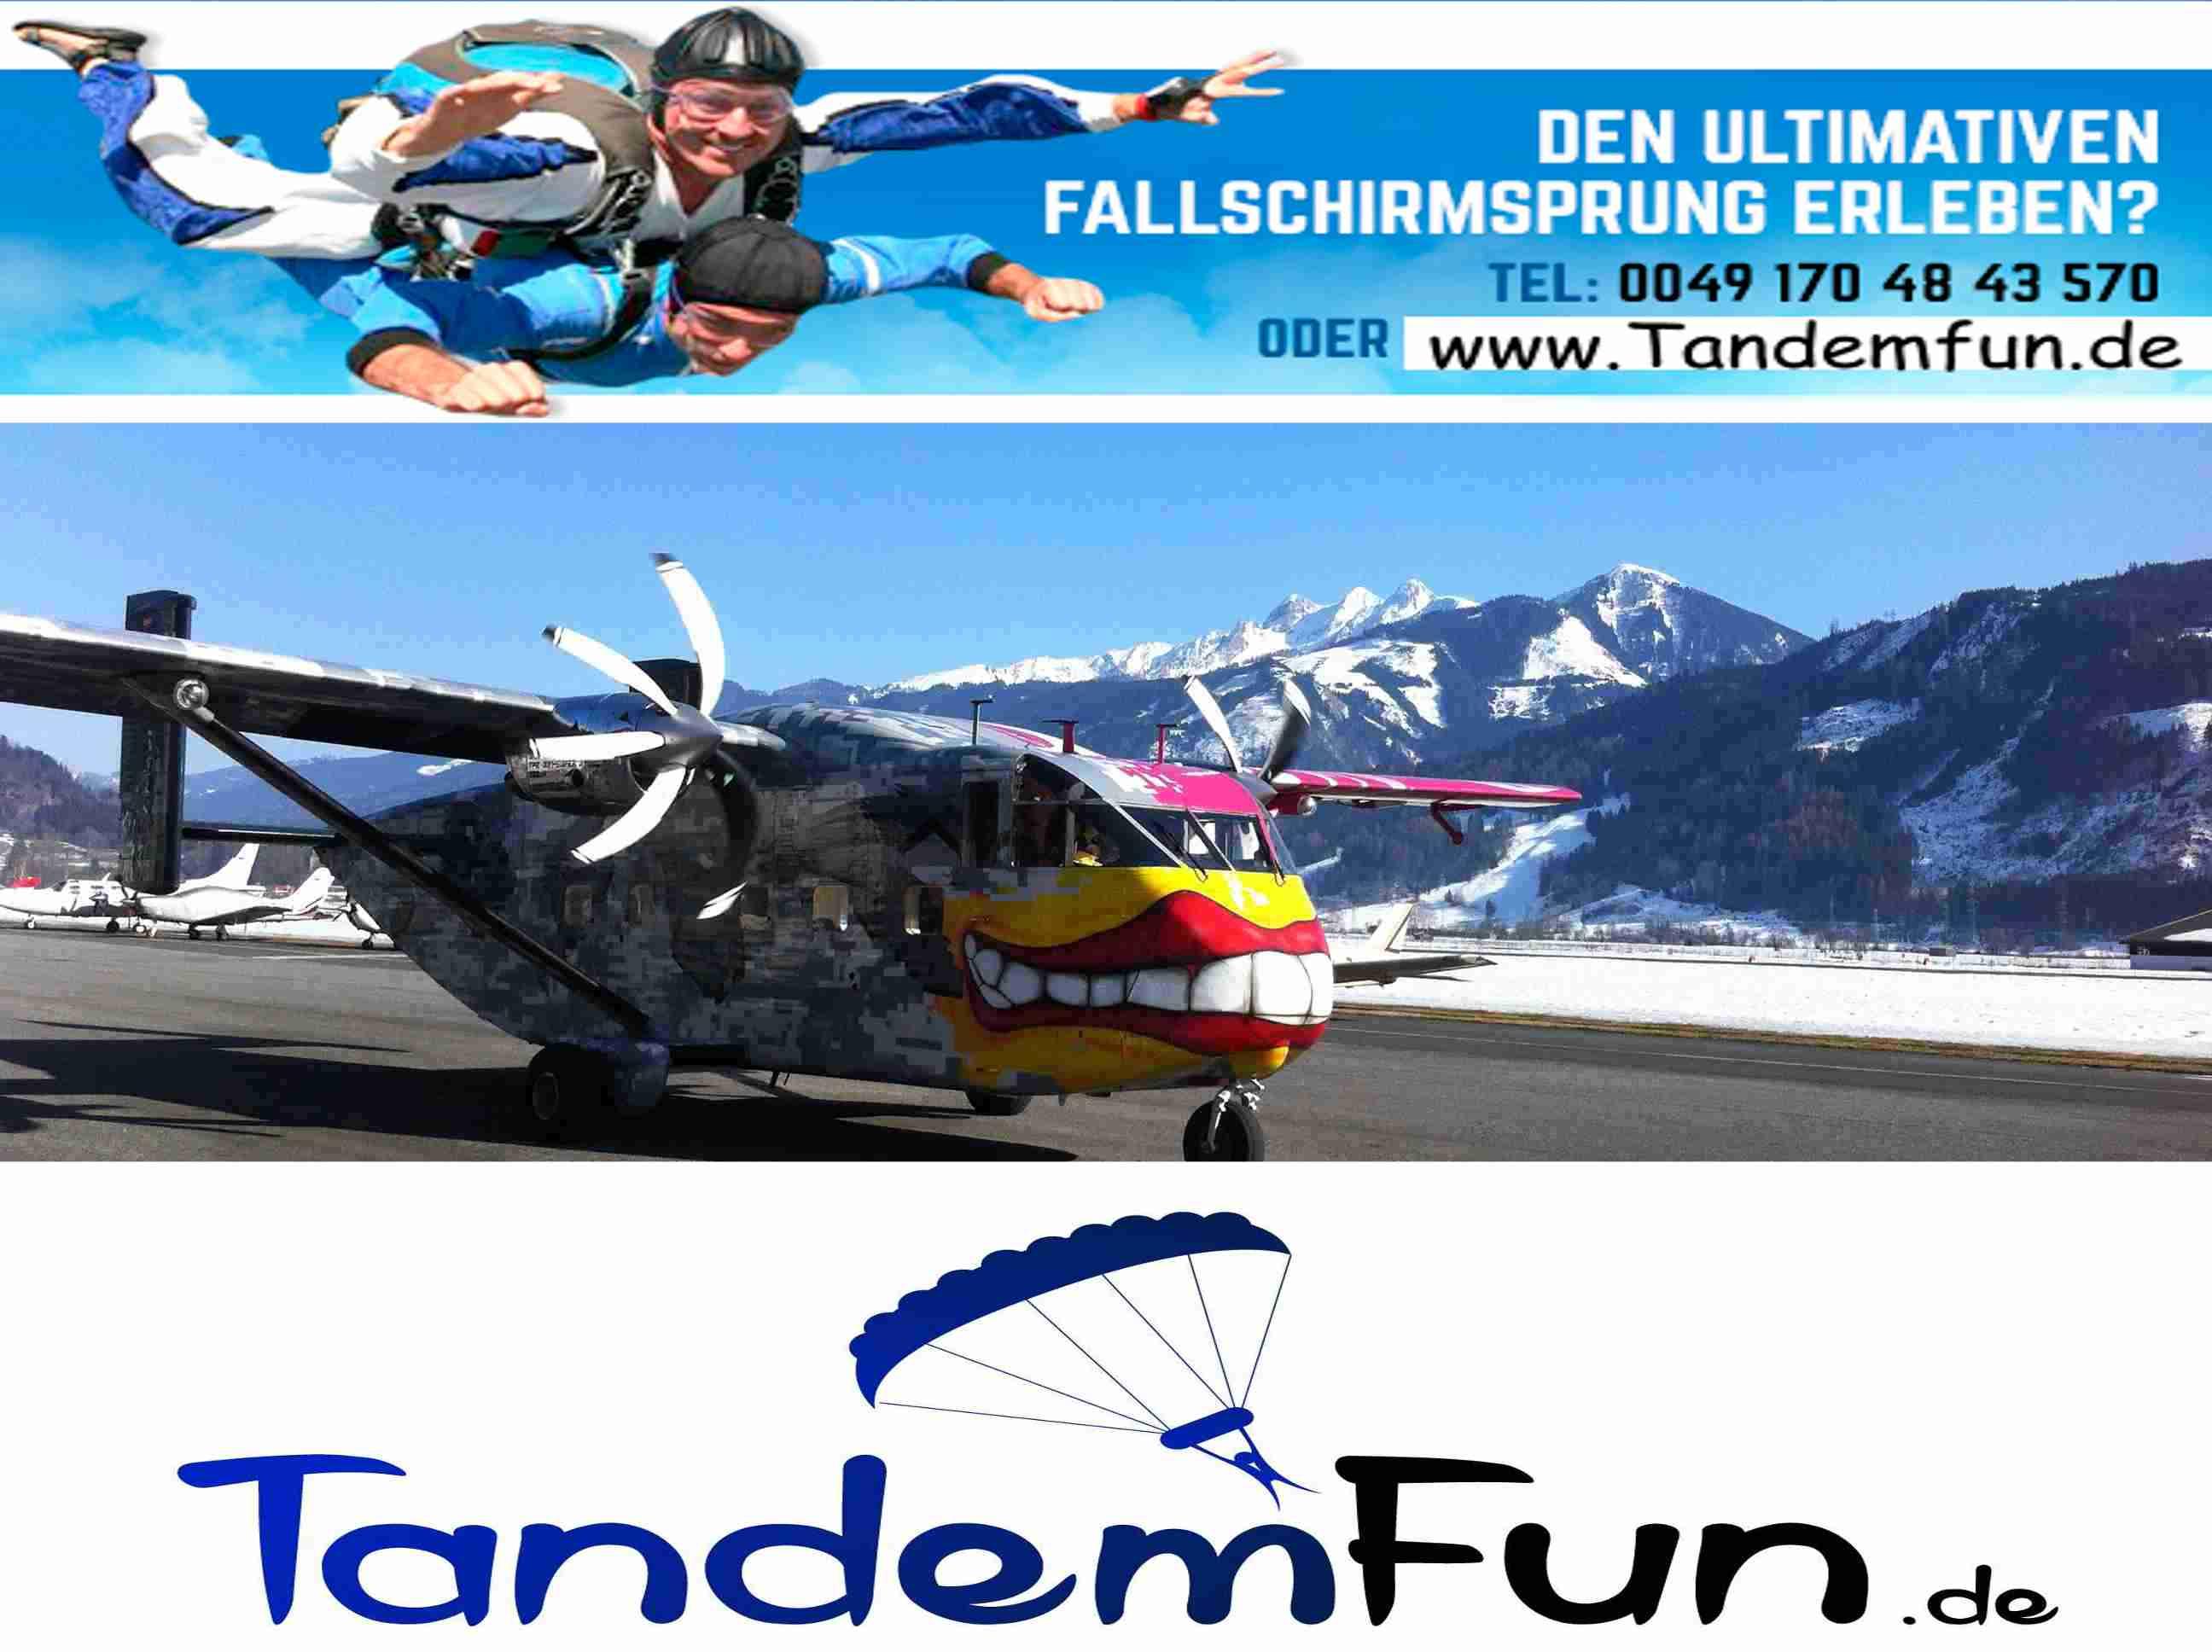 Fallschirmspringen-Zell-am-Seep61BbphivfyA4